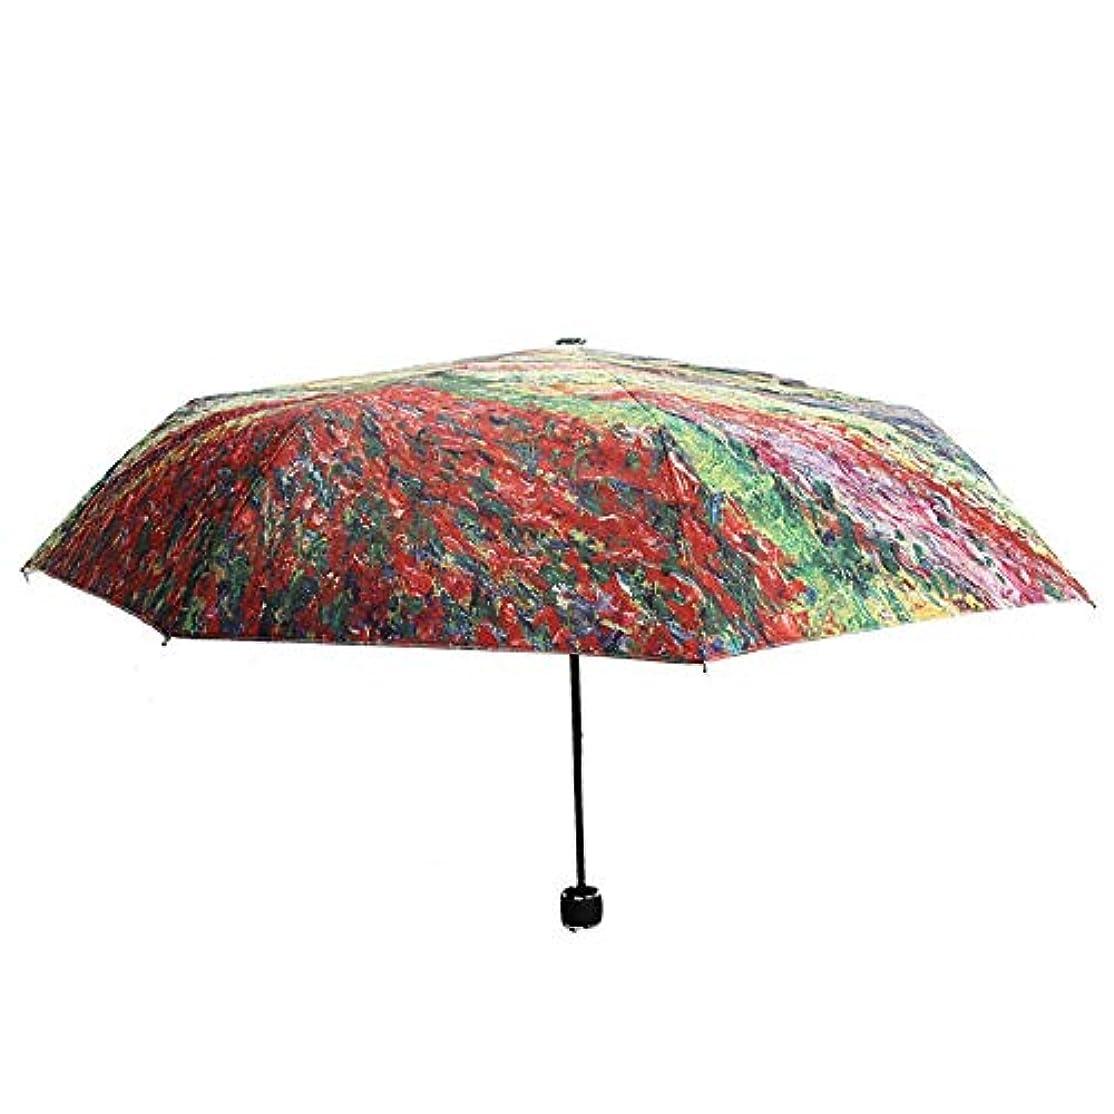 刺激する反対イヤホンOpliy 屋外の太陽の傘折りたたみ傘太陽の保護傘30%シルバーグルー風車パターン 品質保証